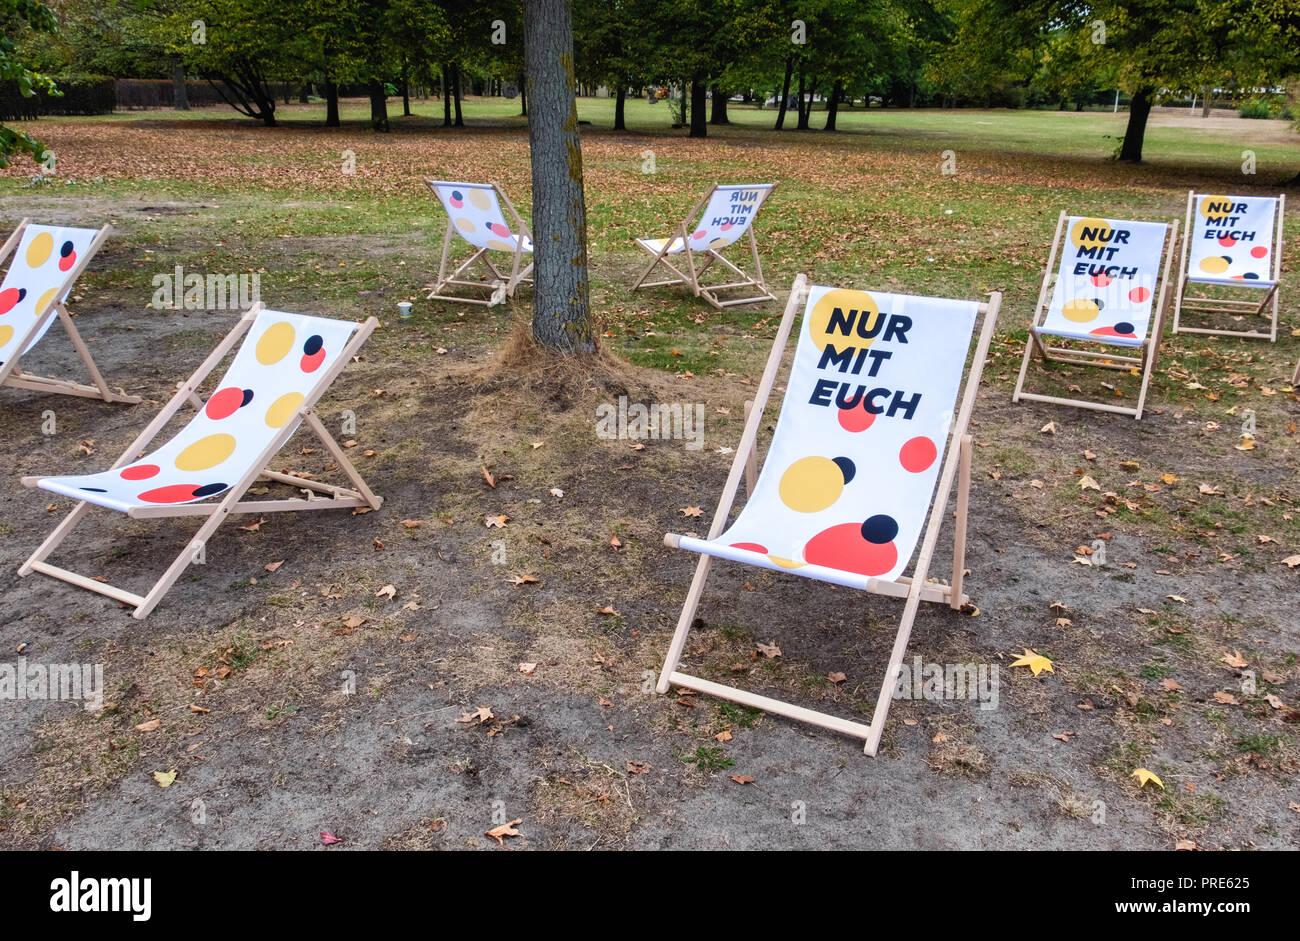 """Germania, Berlino Mitte, 1-3 ottobre 2018. Il giorno dell'unità tedesca, Tag der Deutschen Einheit il 3 ottobre è la Germania festa nazionale. Essa commemora la riunificazione tedesca nel 1990 dopo la caduta del muro di Berlino e si celebra con un 3-day festival intorno a Platz der Republik, Strasse des 17. Juni e Porta di Brandeburgo. Il giorno è ospitato dallo Stato di Berlino questo anno come parte del suo Consiglio federale Presidenza. Il motto è """"solo con voi"""", """"Nur mit euch' ed è una celebrazione di democrazia e di libertà. Credito: Eden Breitz/Alamy Live News Immagini Stock"""